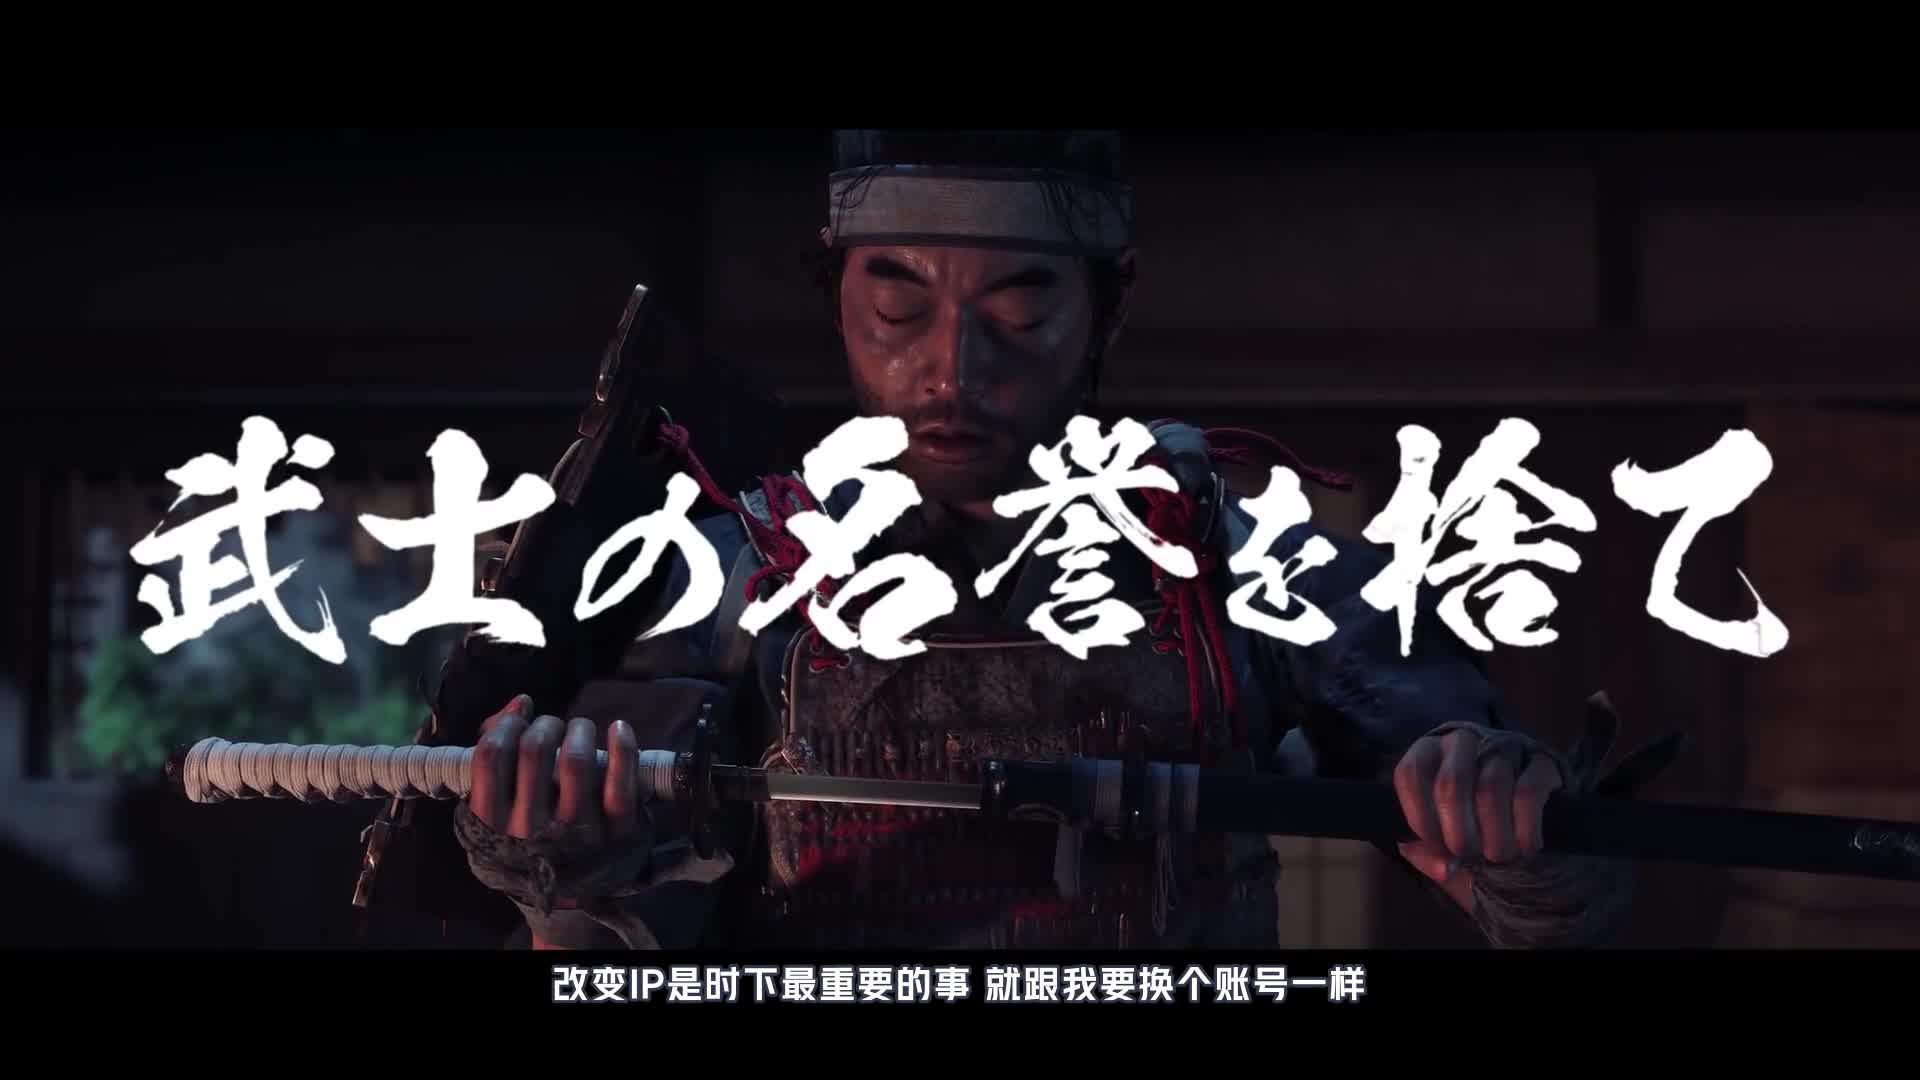 【对马之jo】美国小公司的武士游戏惊呆日本玩家!万物皆可刺客!